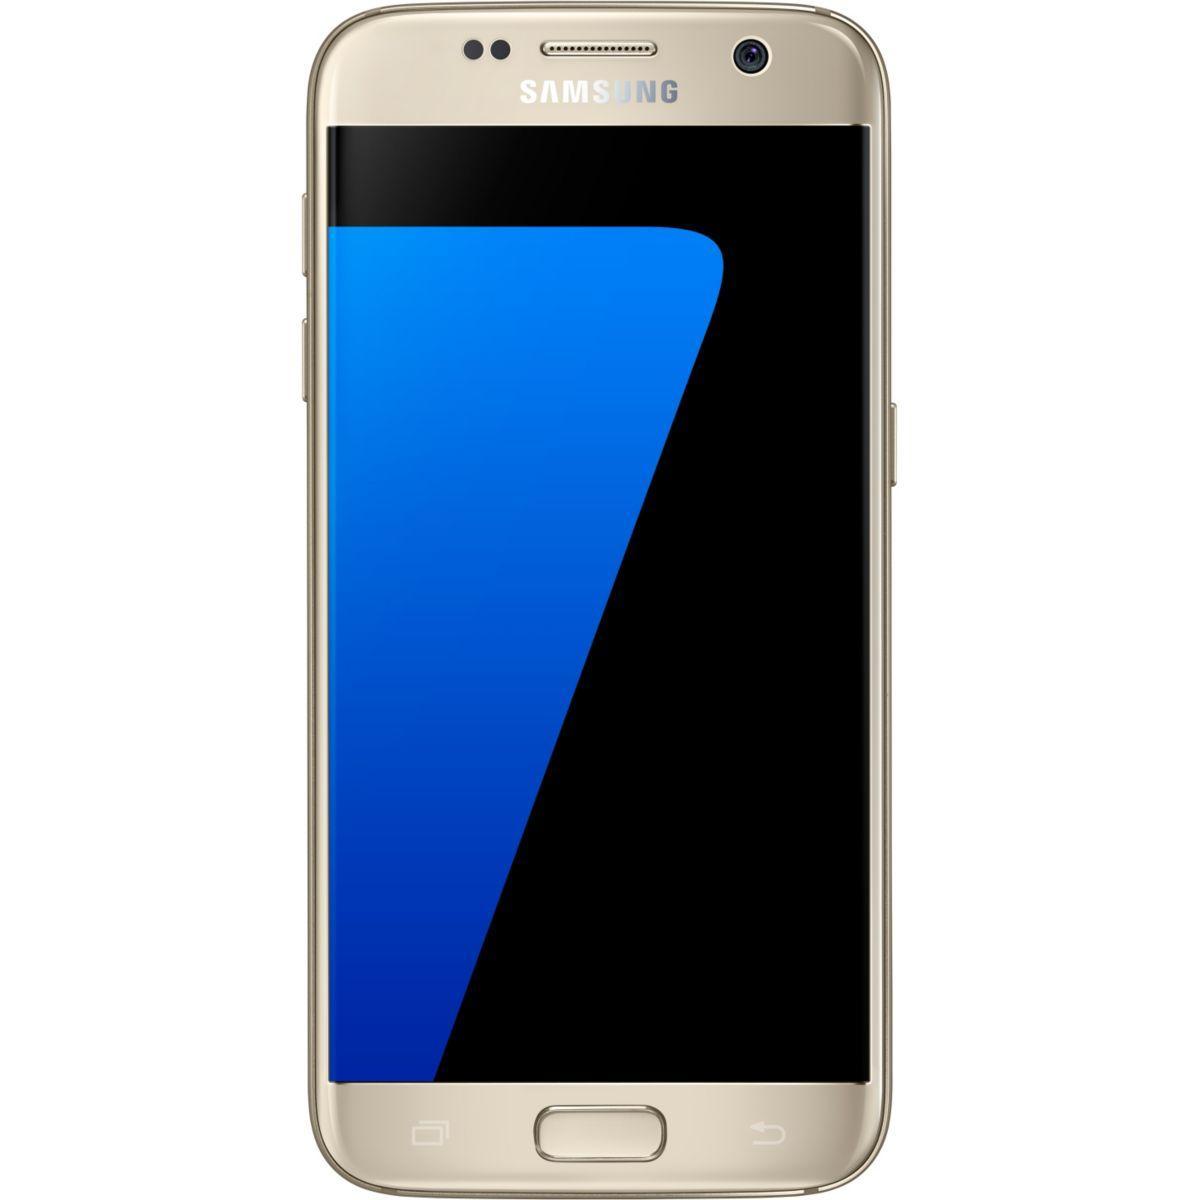 Pack promo smartphone samsung galaxy s7 32 go or + coque samsung transparente galaxy s7 gold transparente - soldes et bonnes affaires à prix imbattabl